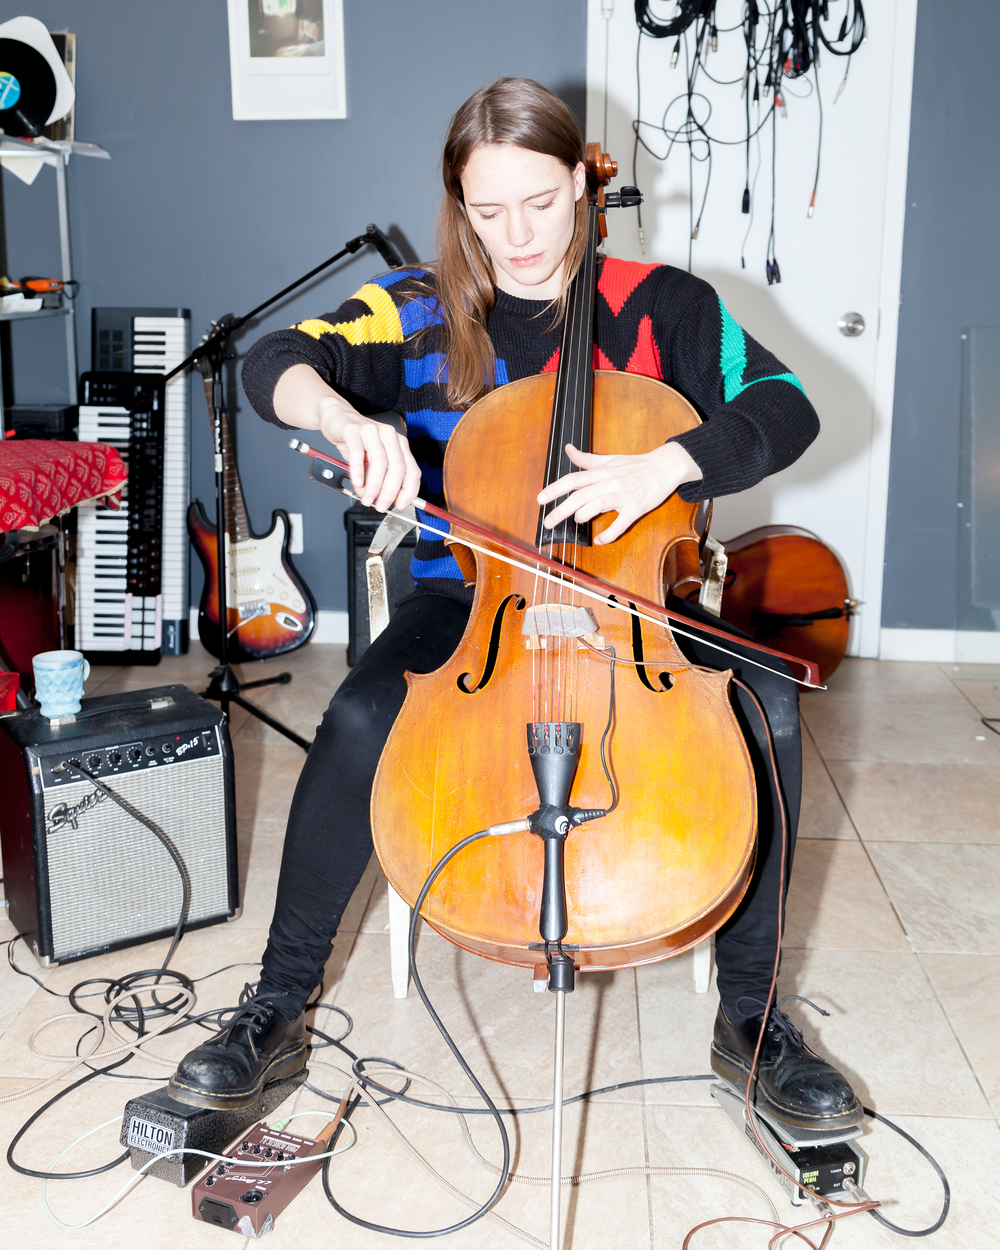 Leila Bordreuil